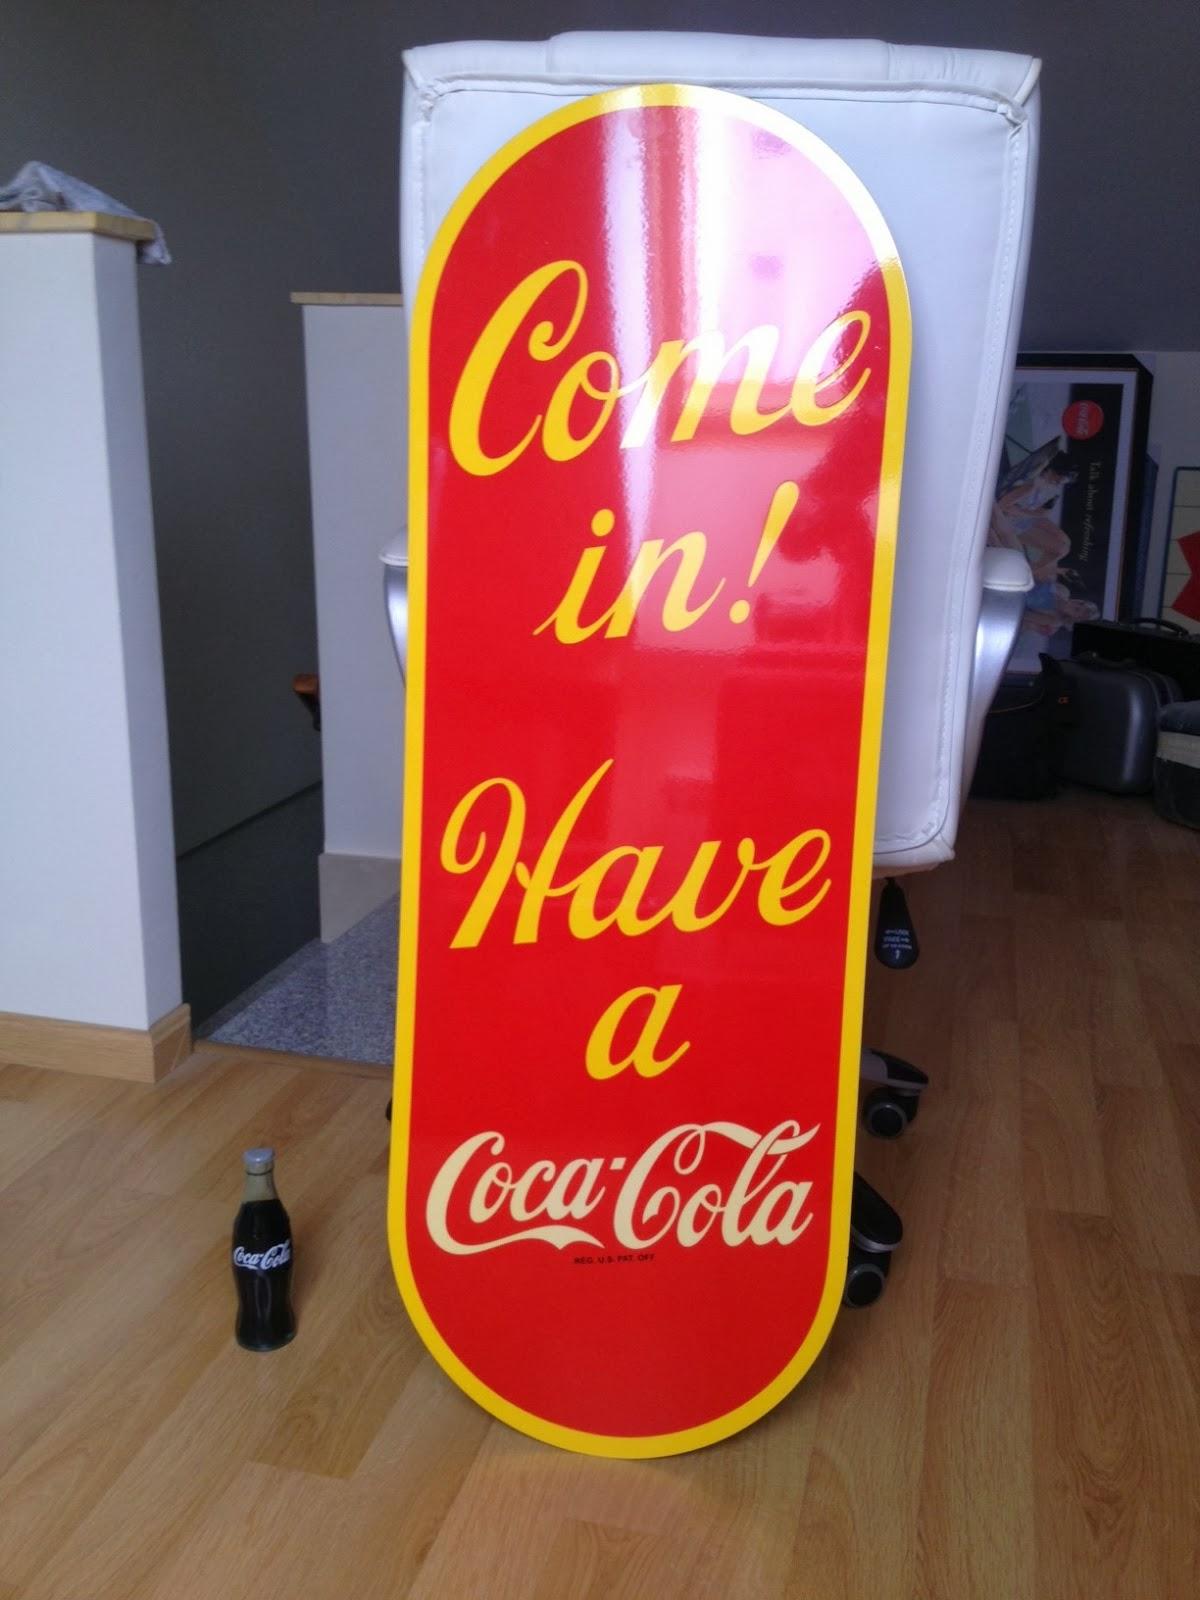 Decoracion bares coca cola chapa coca cola cartel - Chapa coca cola pared ...